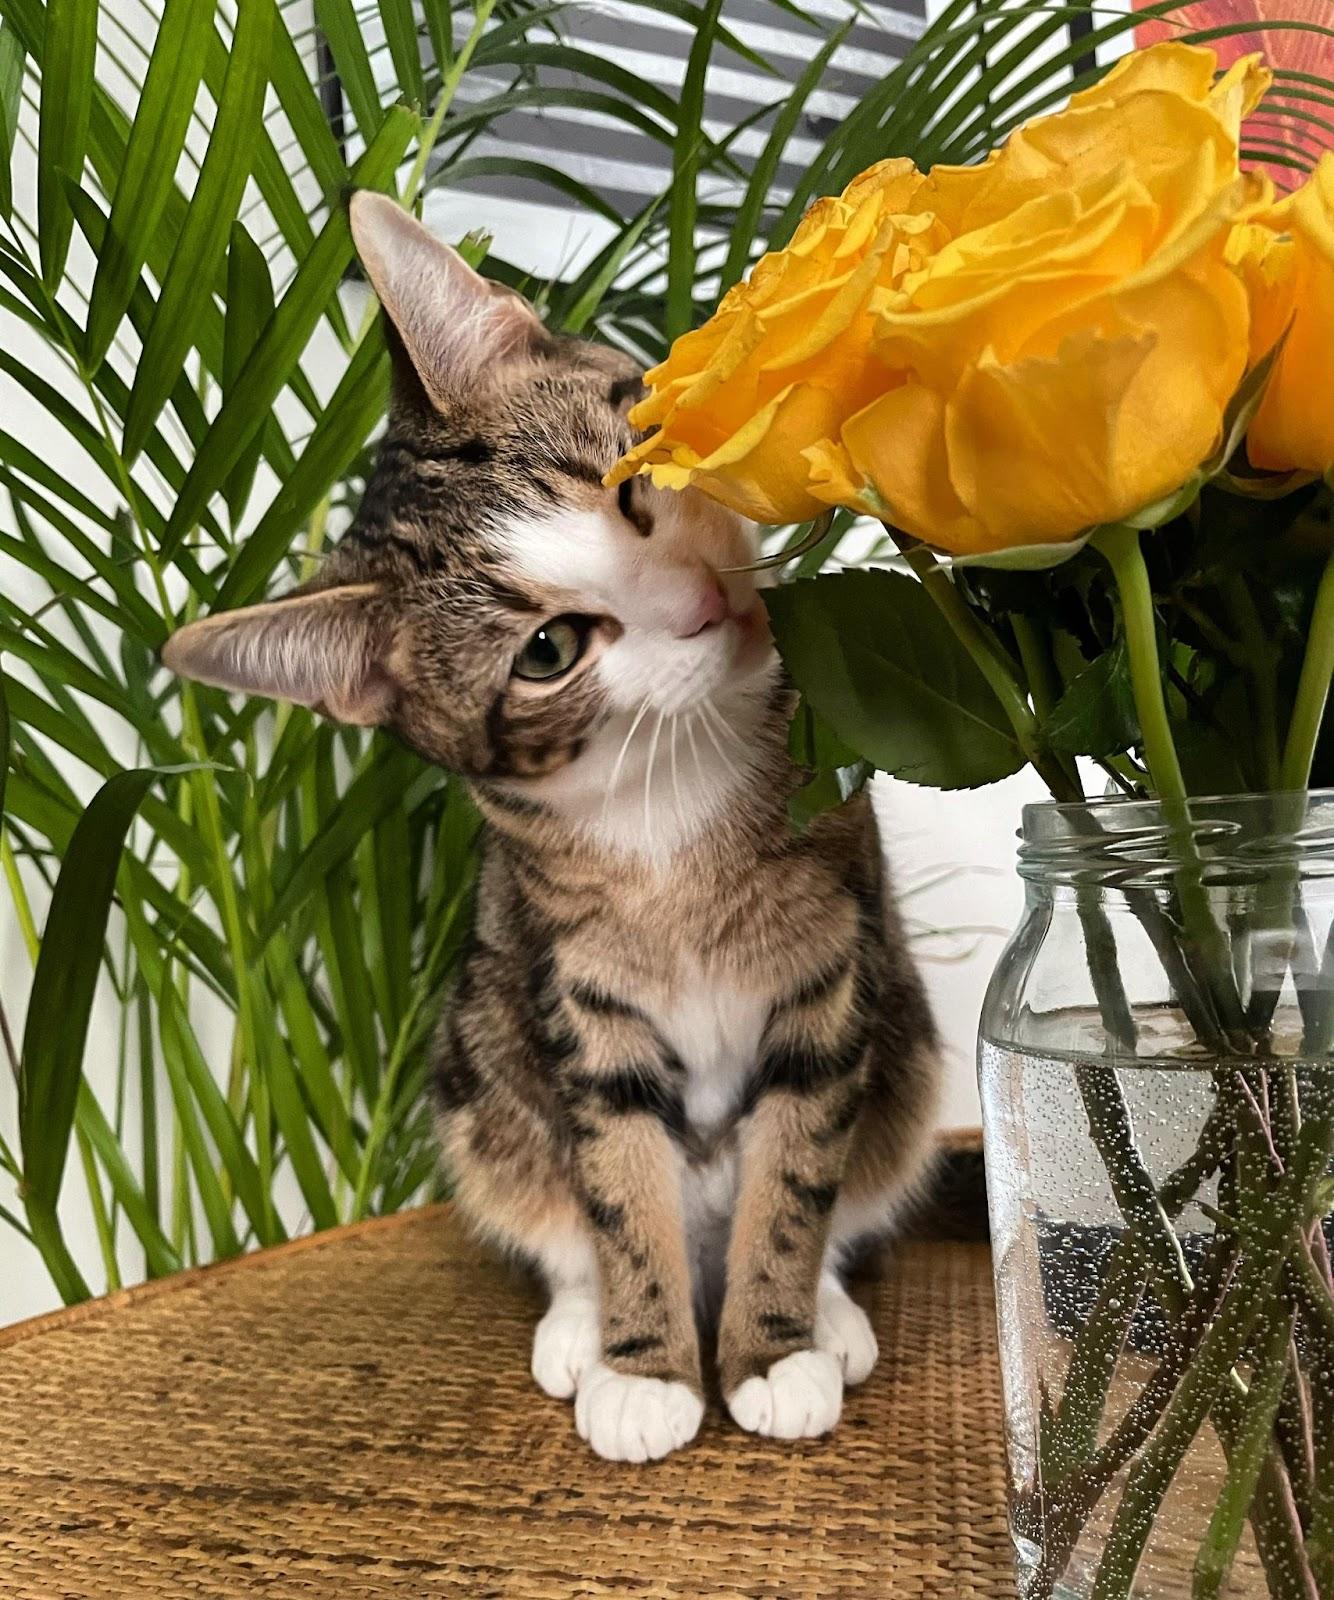 Rebecca's cat Olive